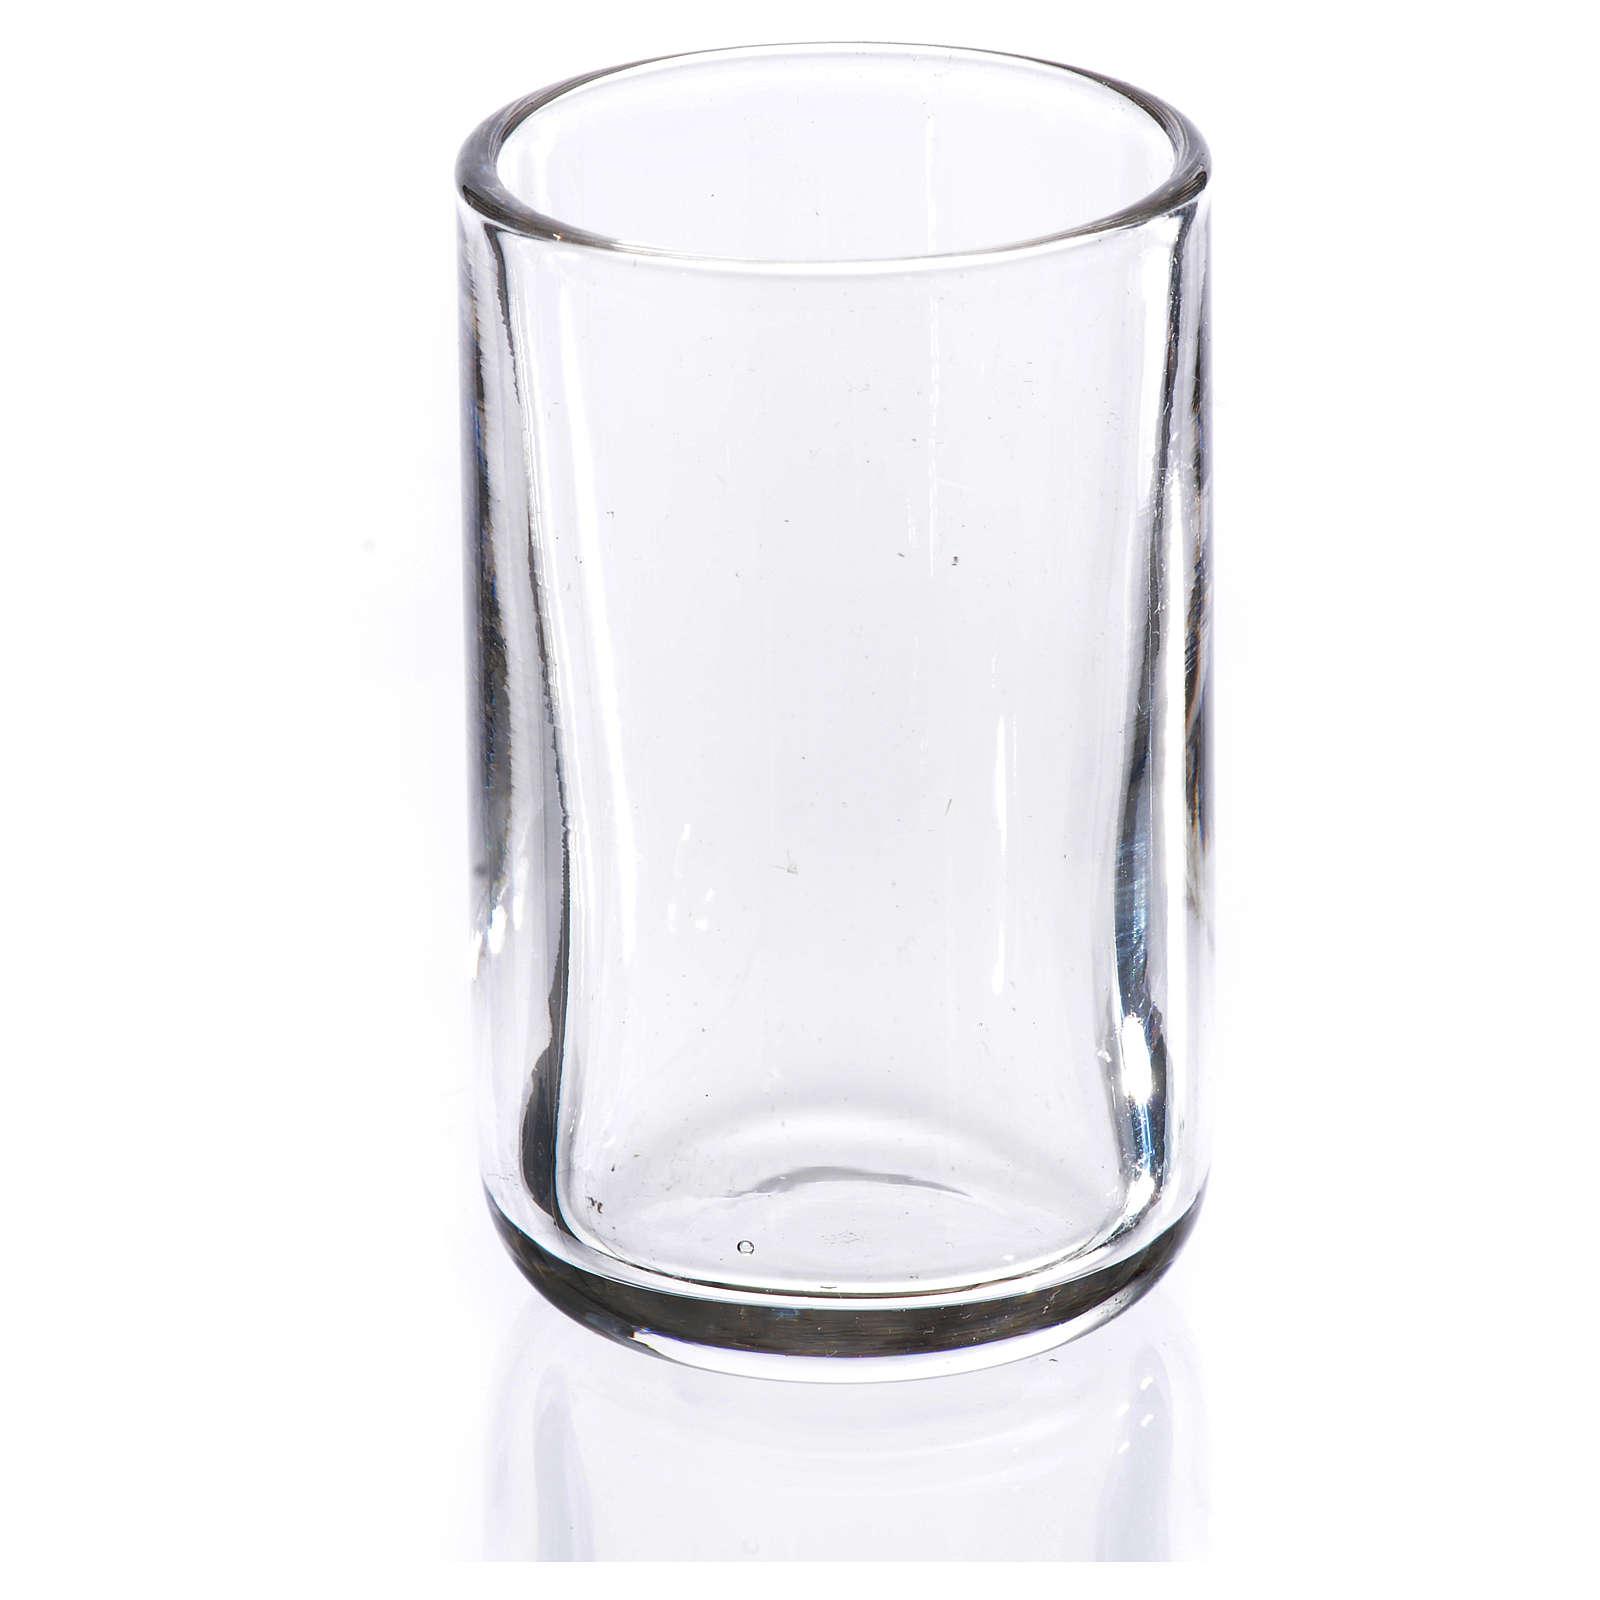 Repuesto de vidrio para crismera santos óleos 3